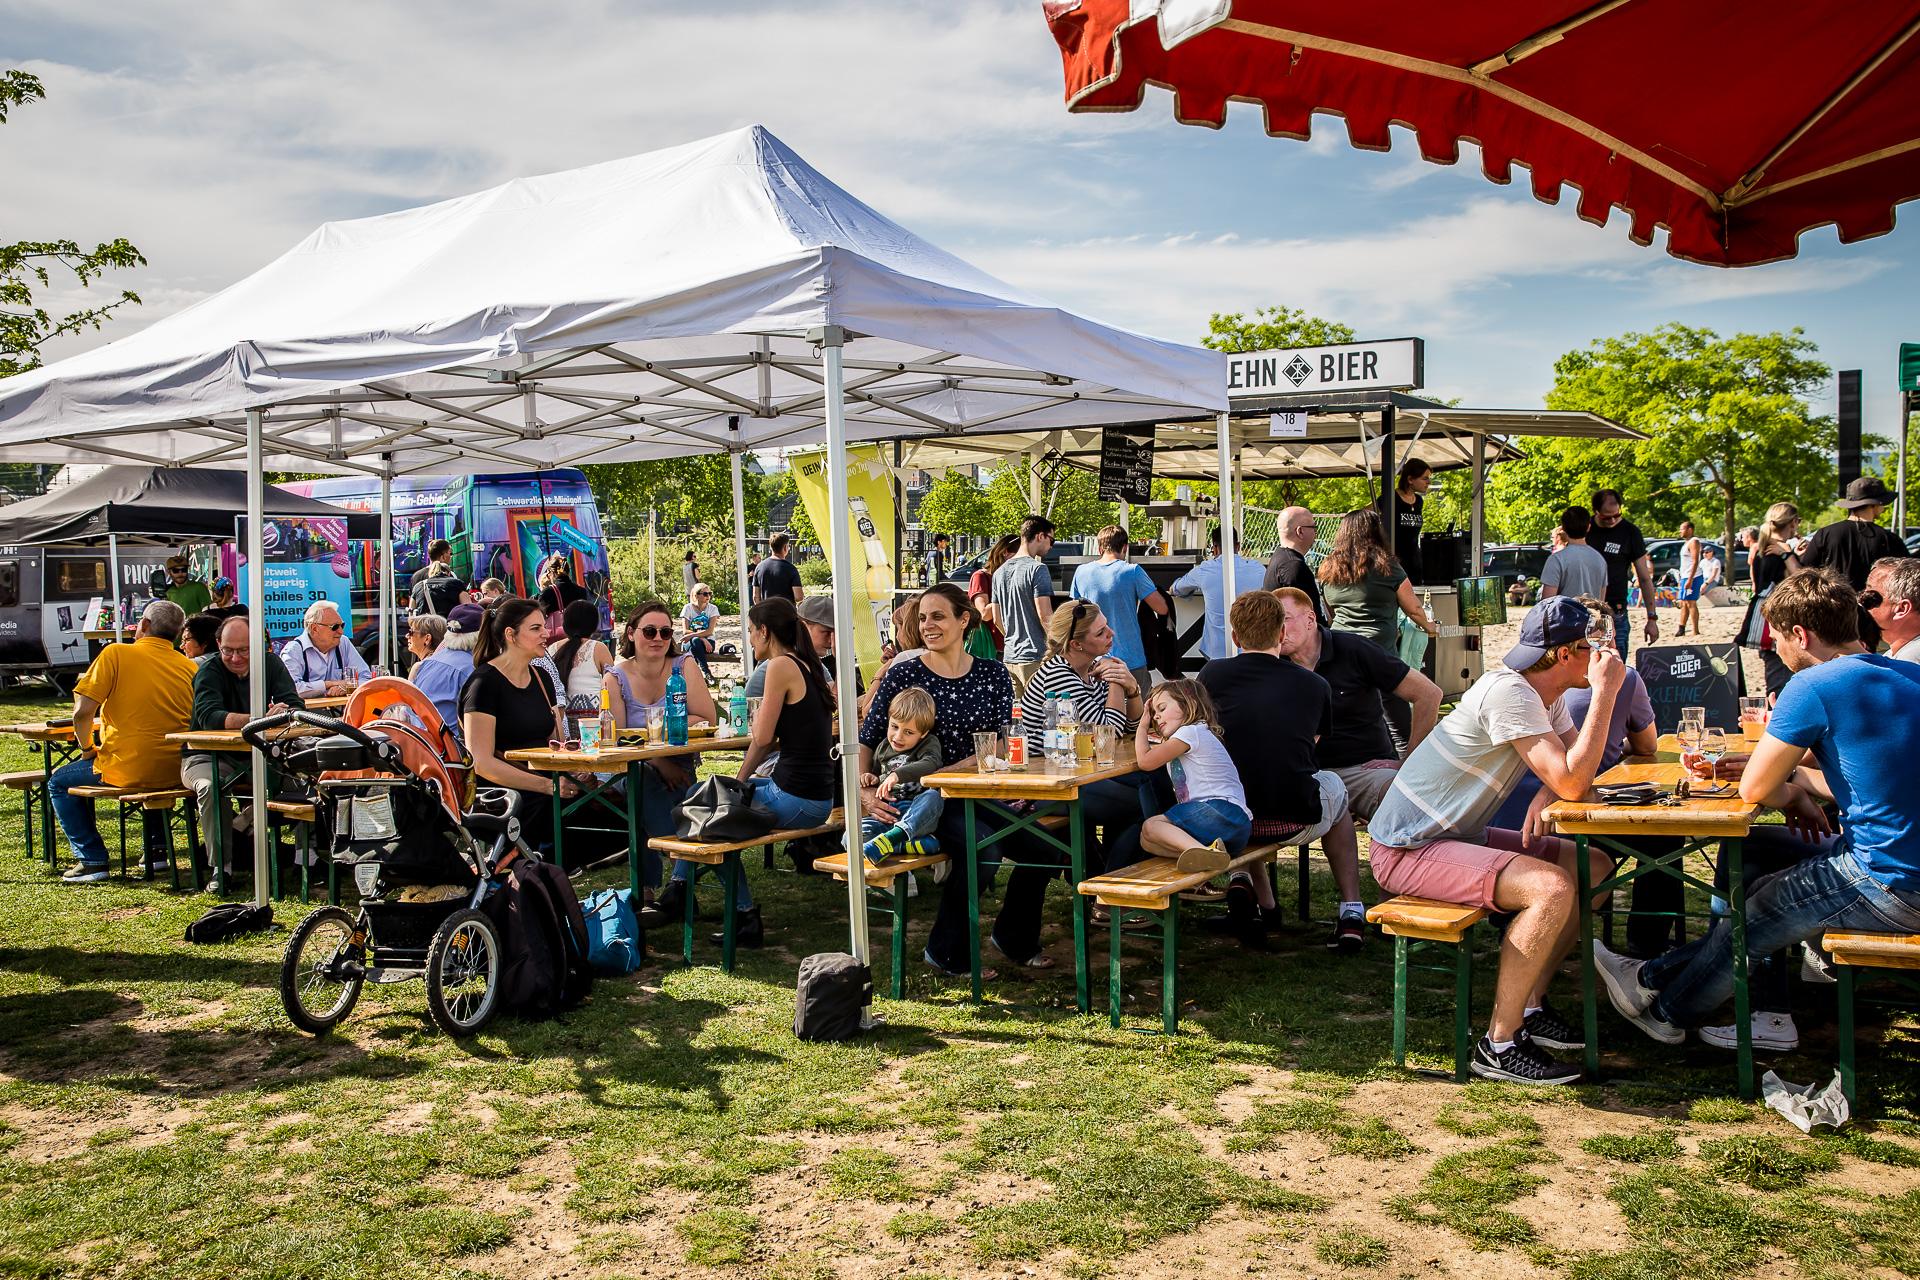 Zelte und Tische für Festivals